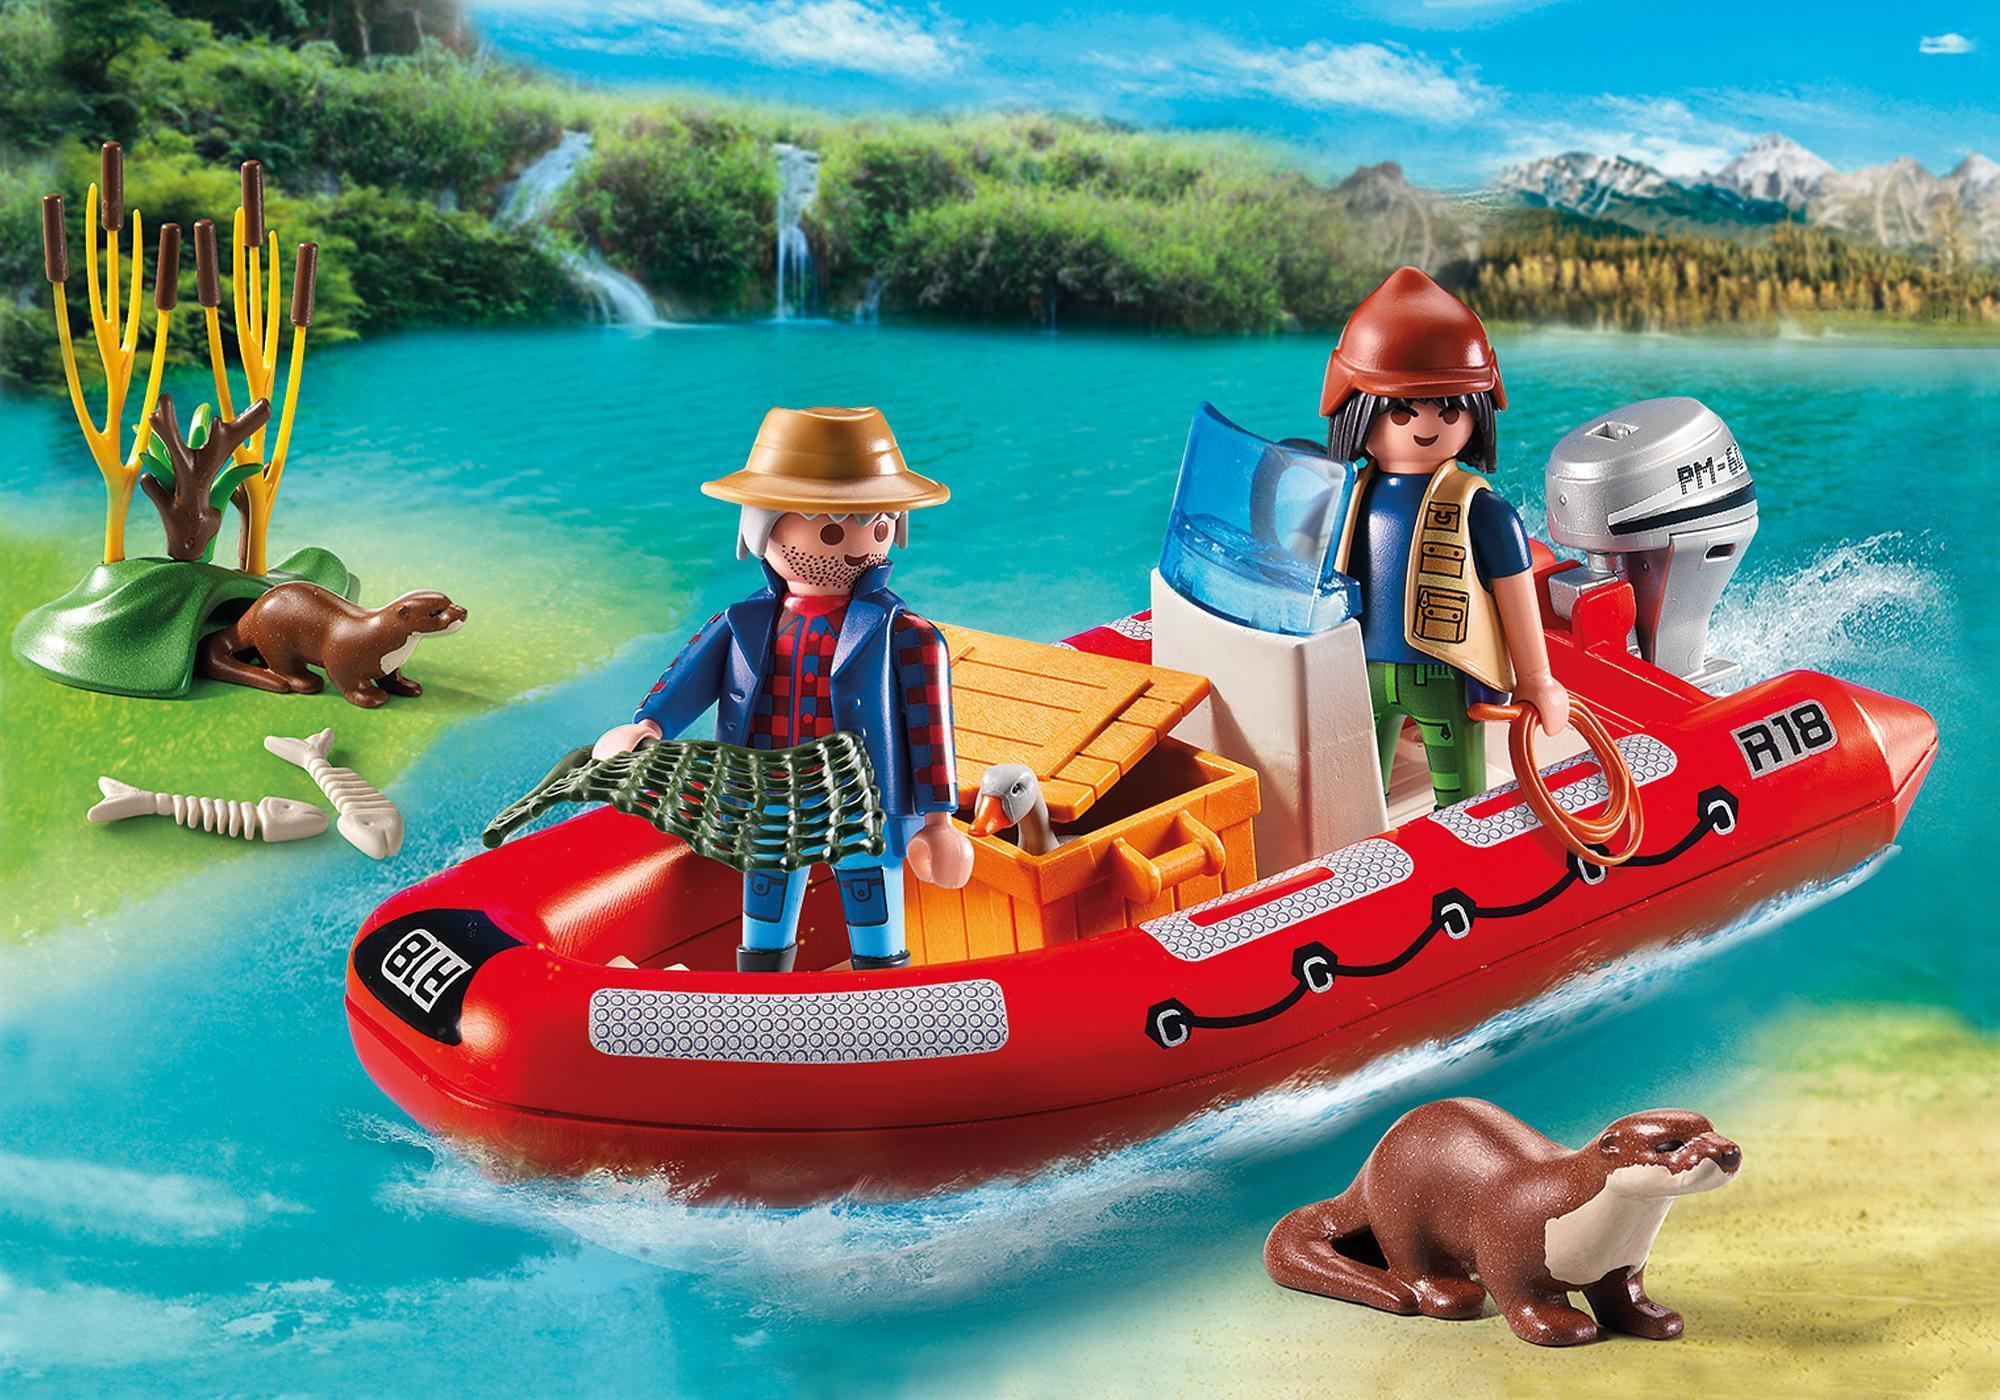 http://media.playmobil.com/i/playmobil/5559_product_detail/Gummibåt med tjuvfiskare